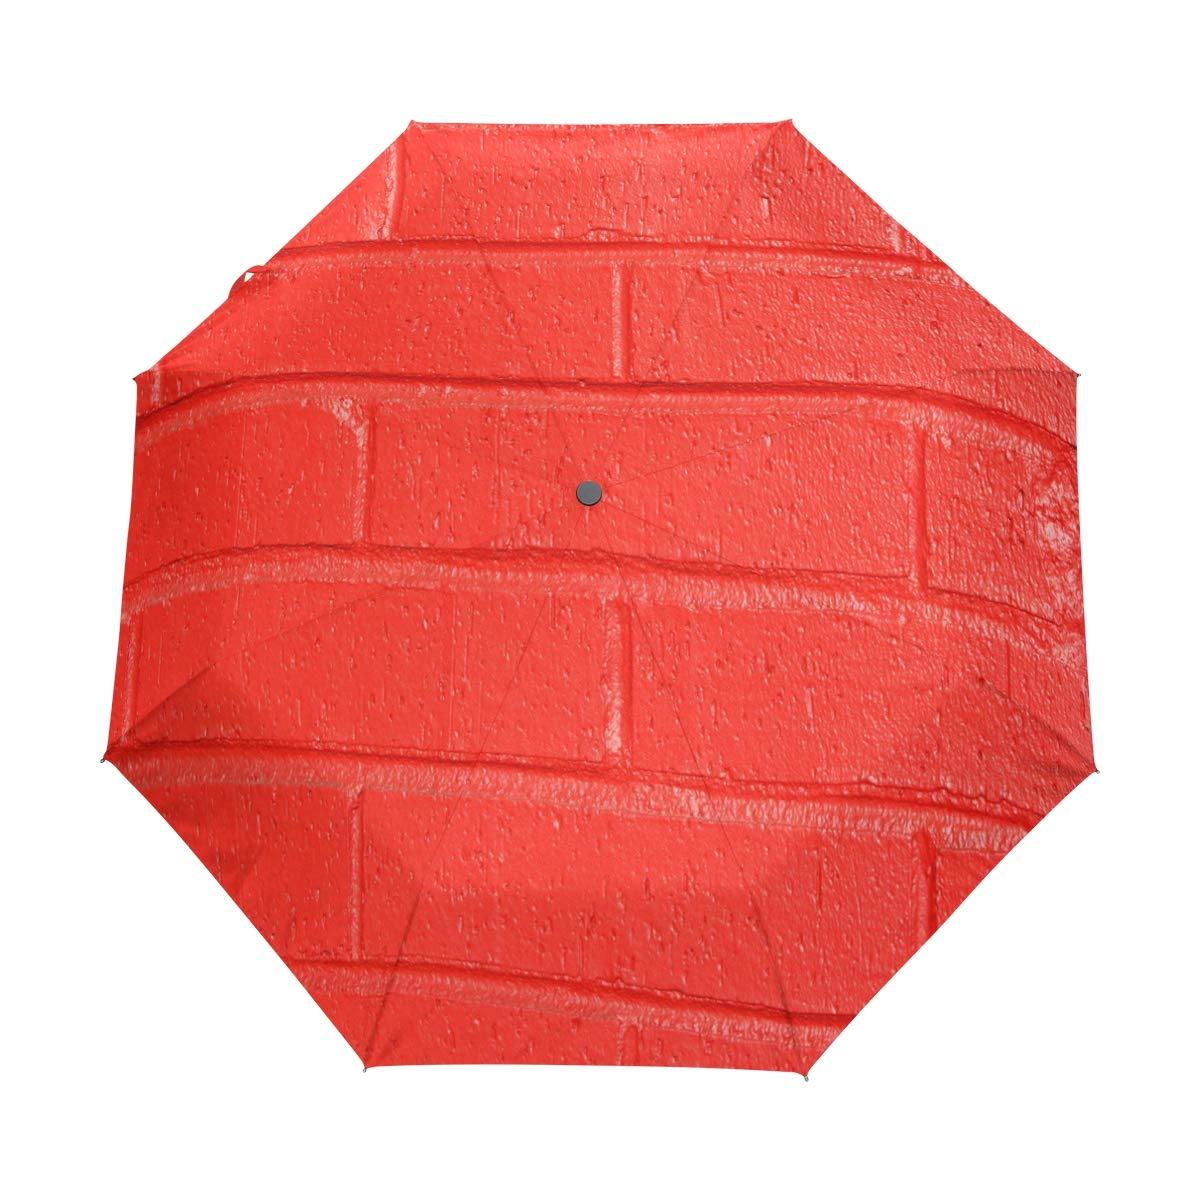 OuLian 傘 レッド ハワイサンセット ゴルフ 旅行 太陽 雨 防風 自動傘 UV保護付き ガールズ ボーイズ キッズ B07QTYYVJ2 パターン1 37.8\